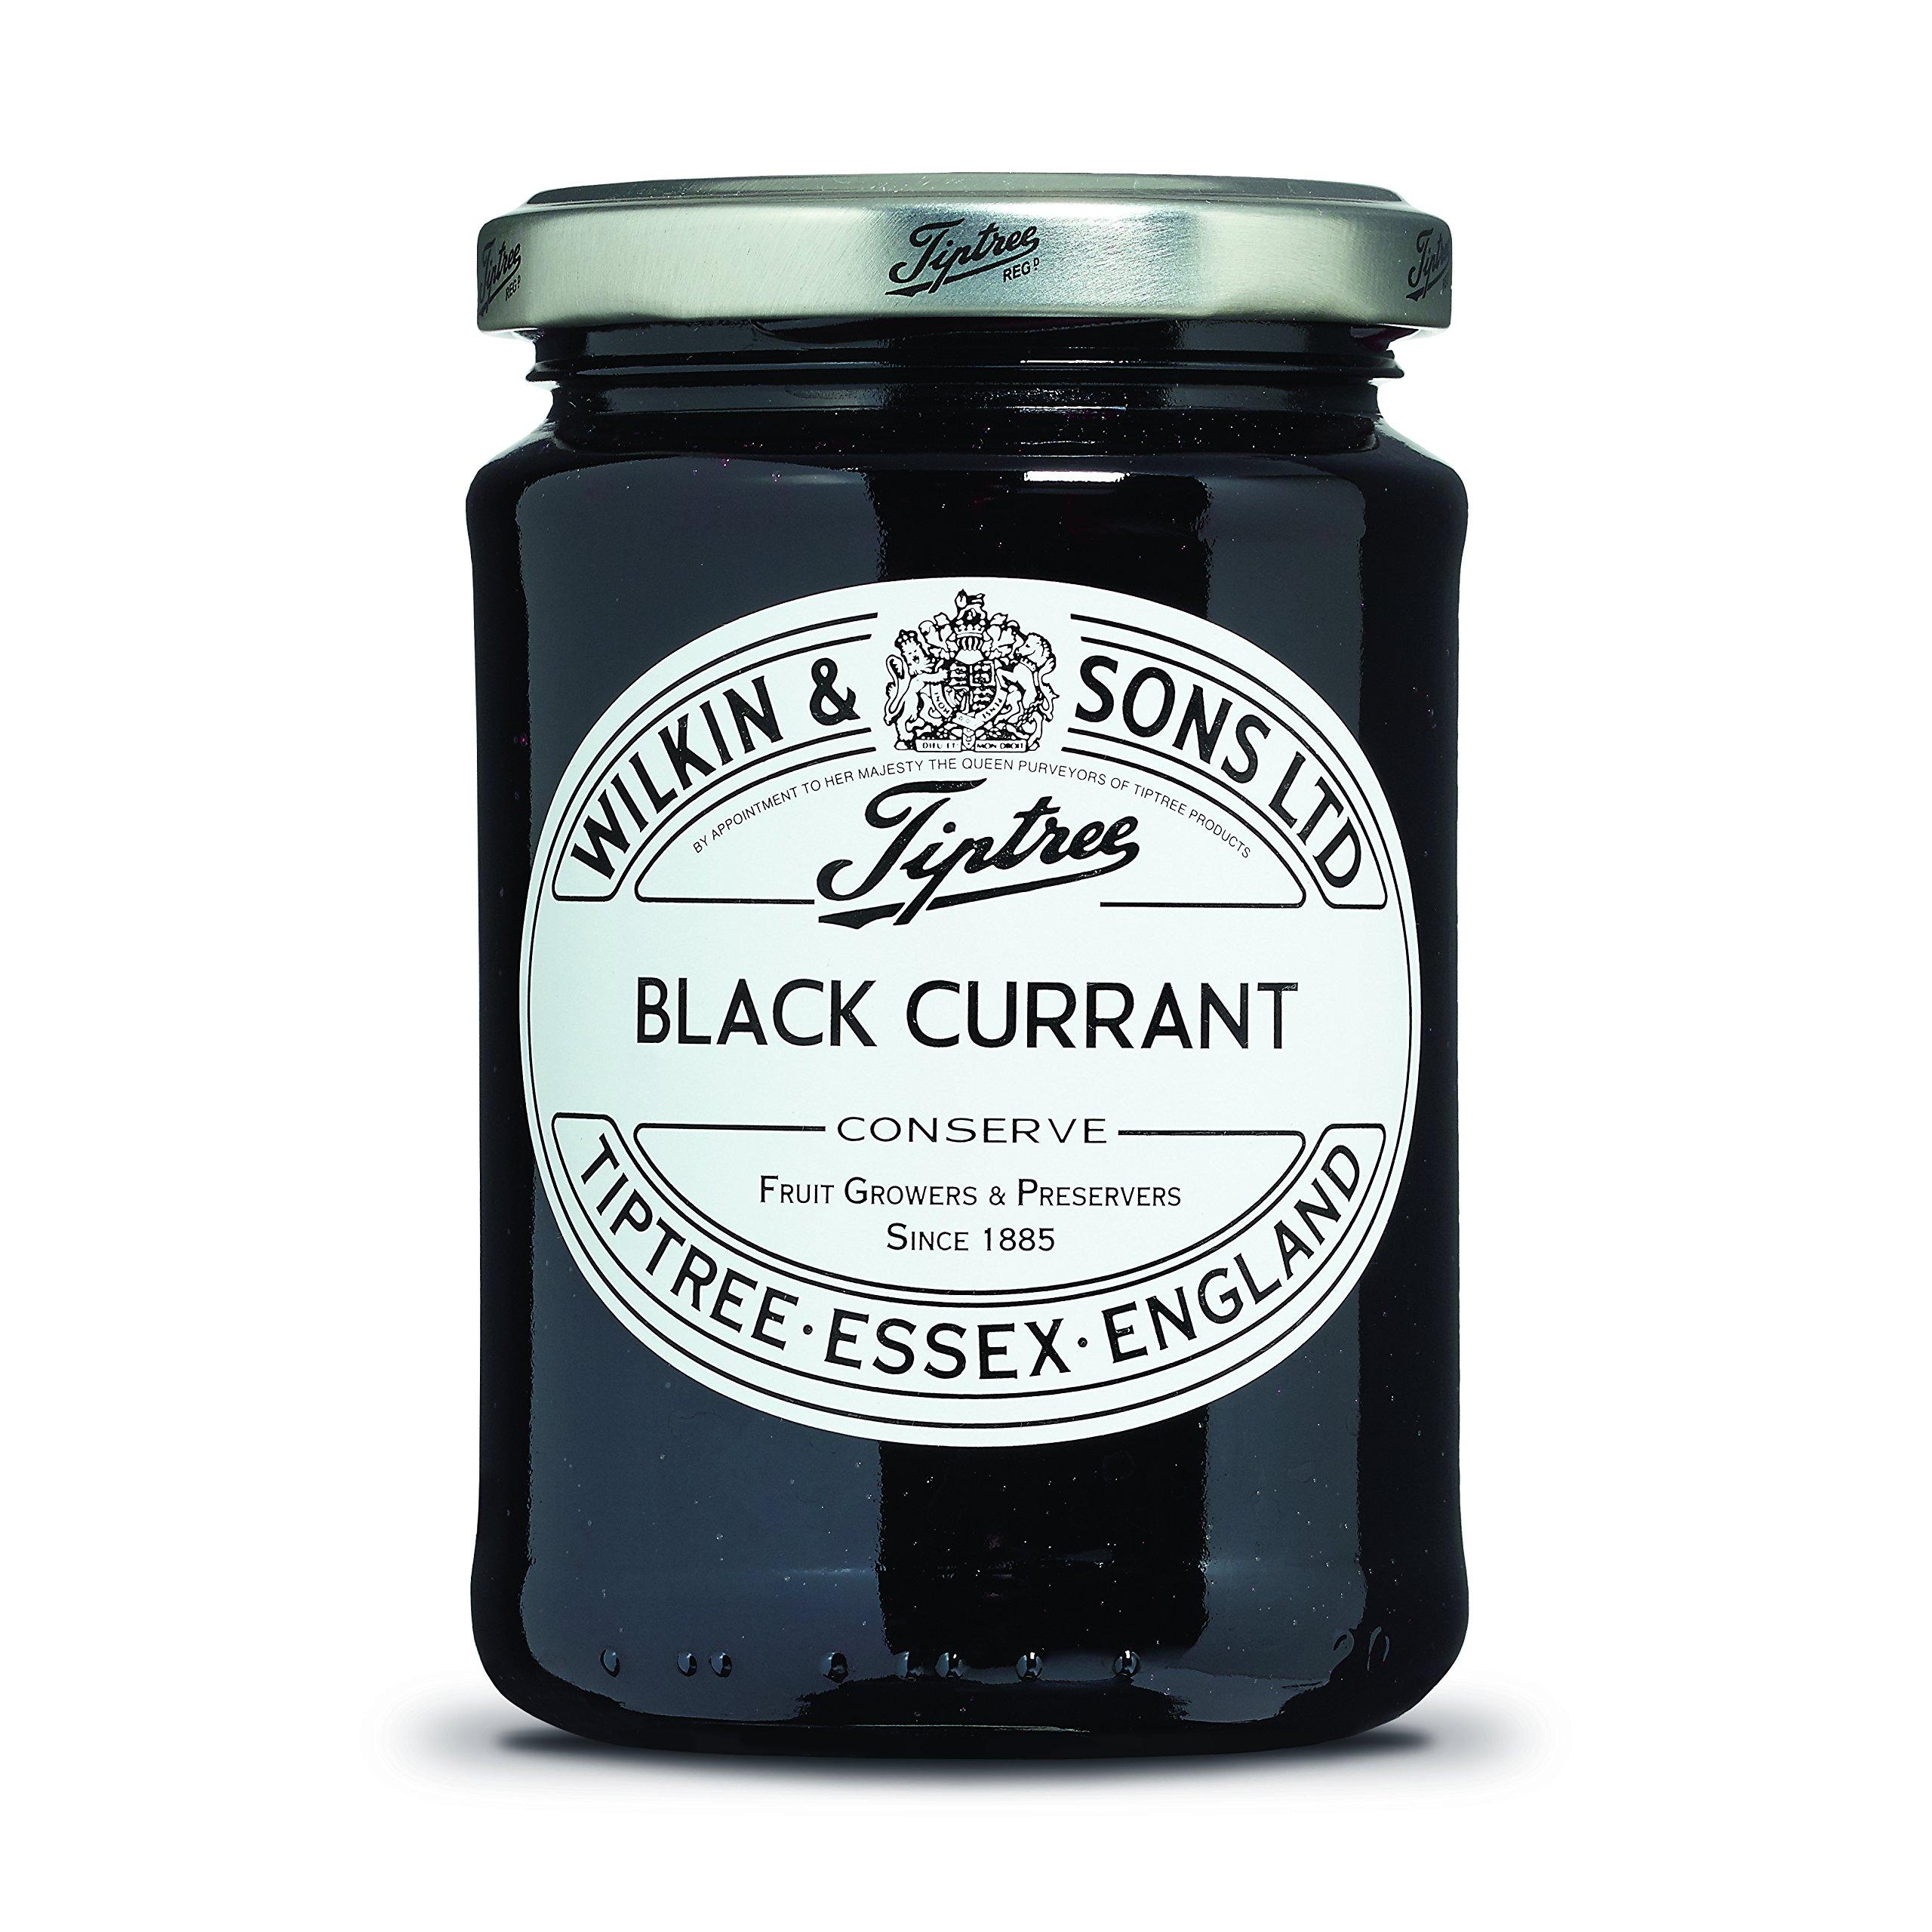 Wilkin & Sons Tiptree Black Currant Conserve - 3 confezioni da 340 g